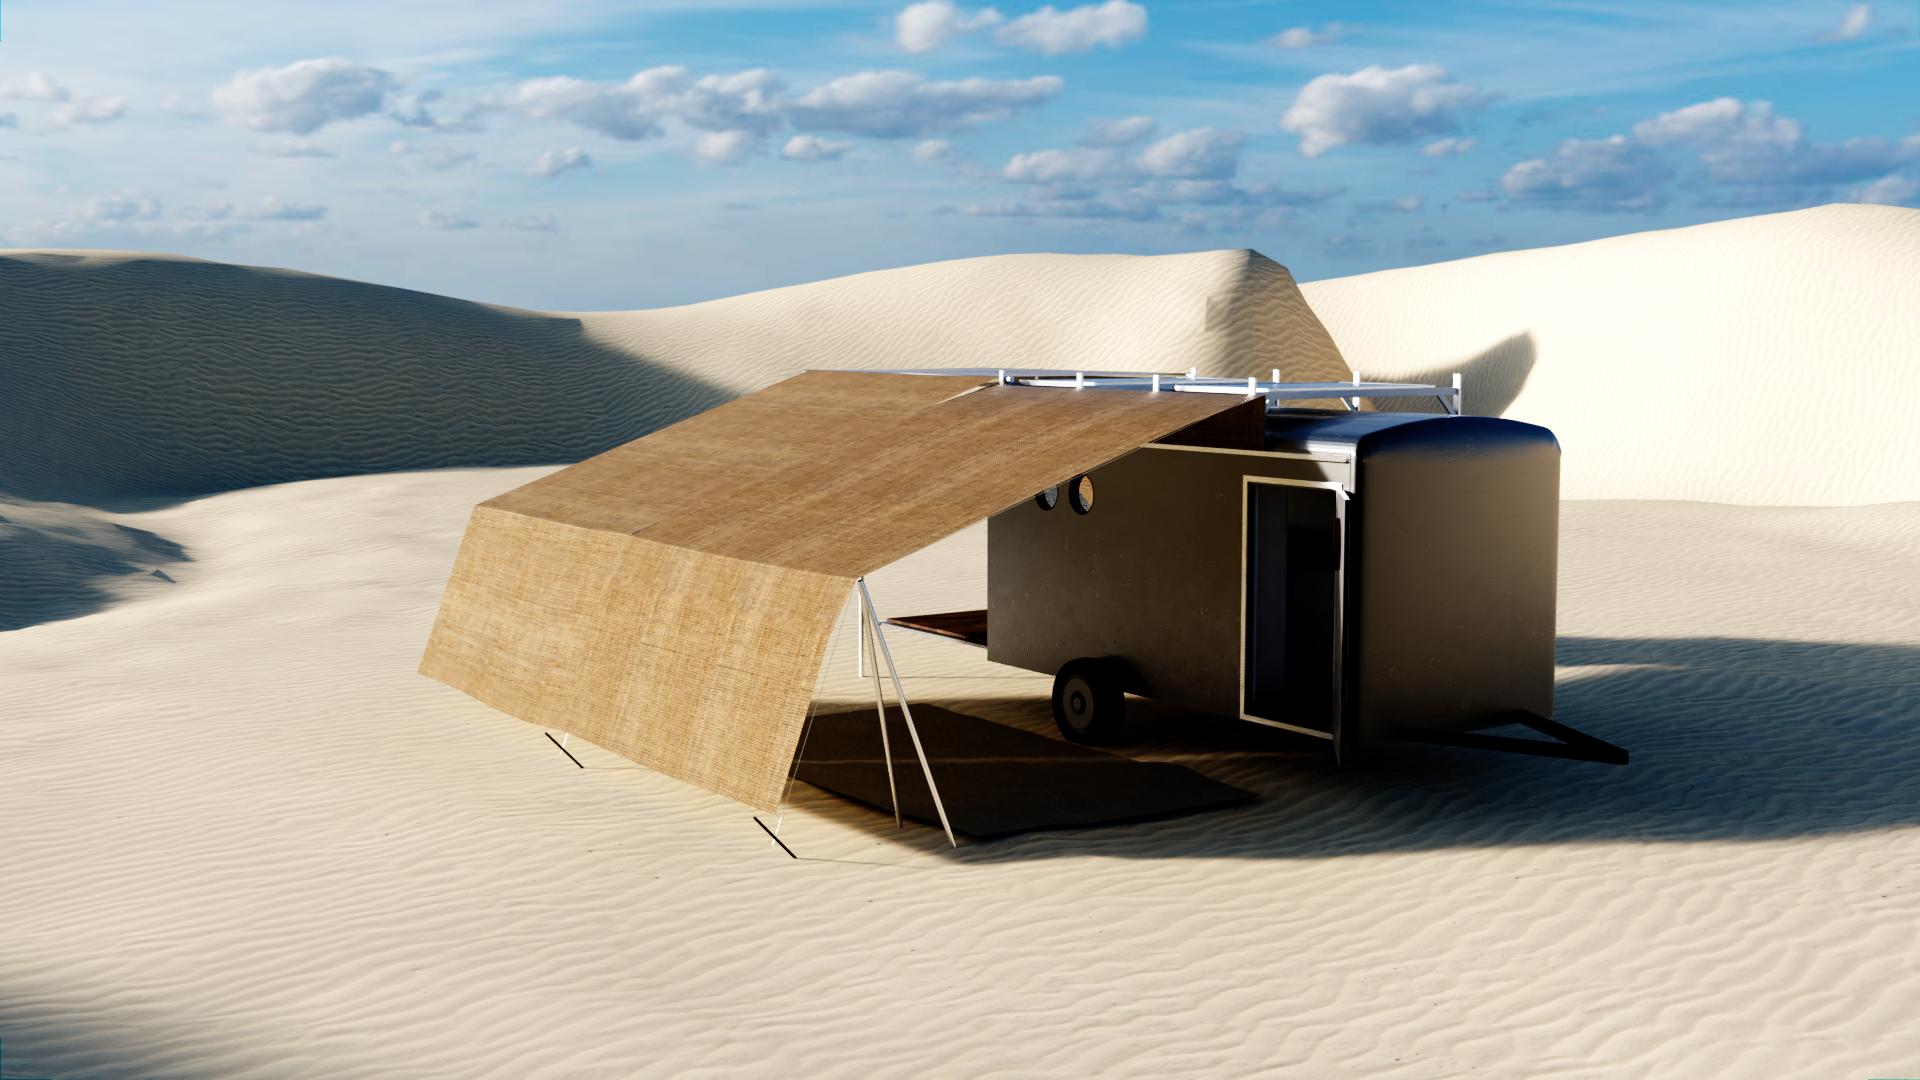 Ideas for a custom canopy